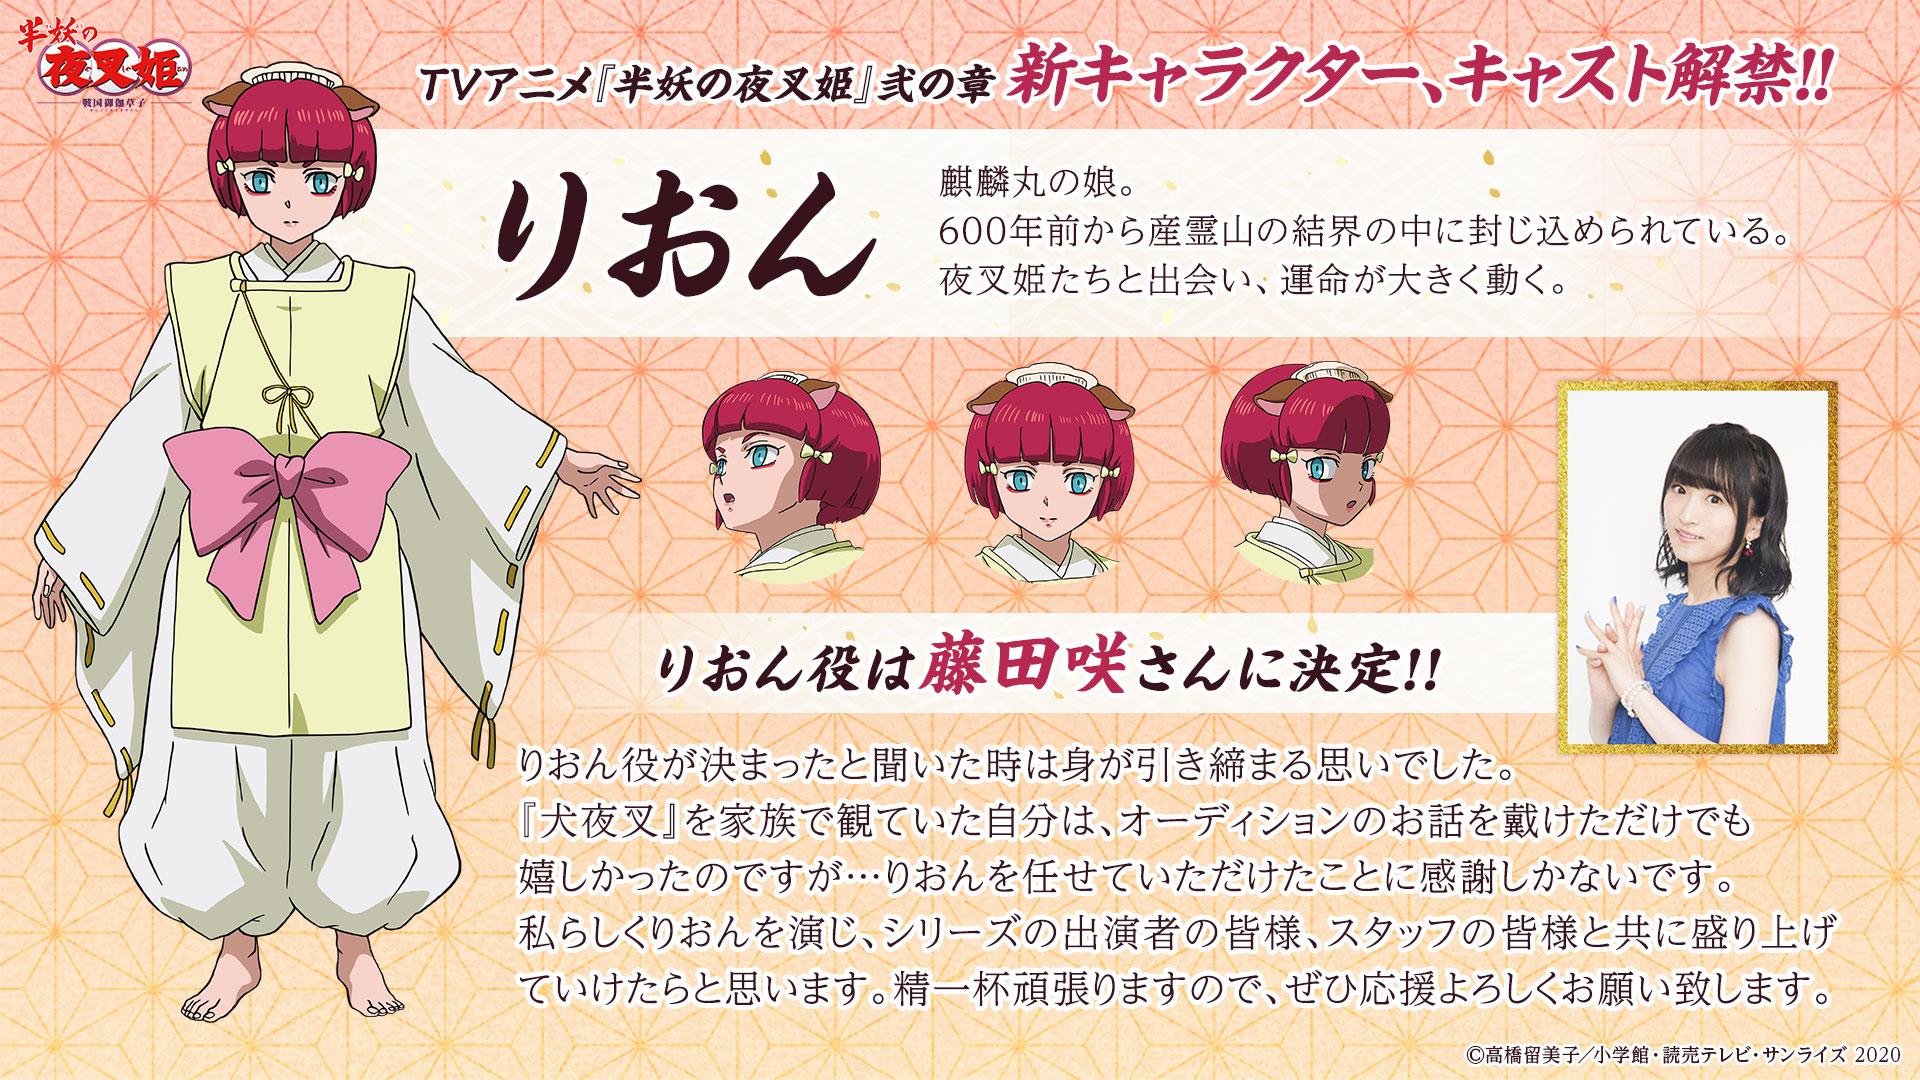 Rion nouveau personnage de Yashahime dans la saison 2